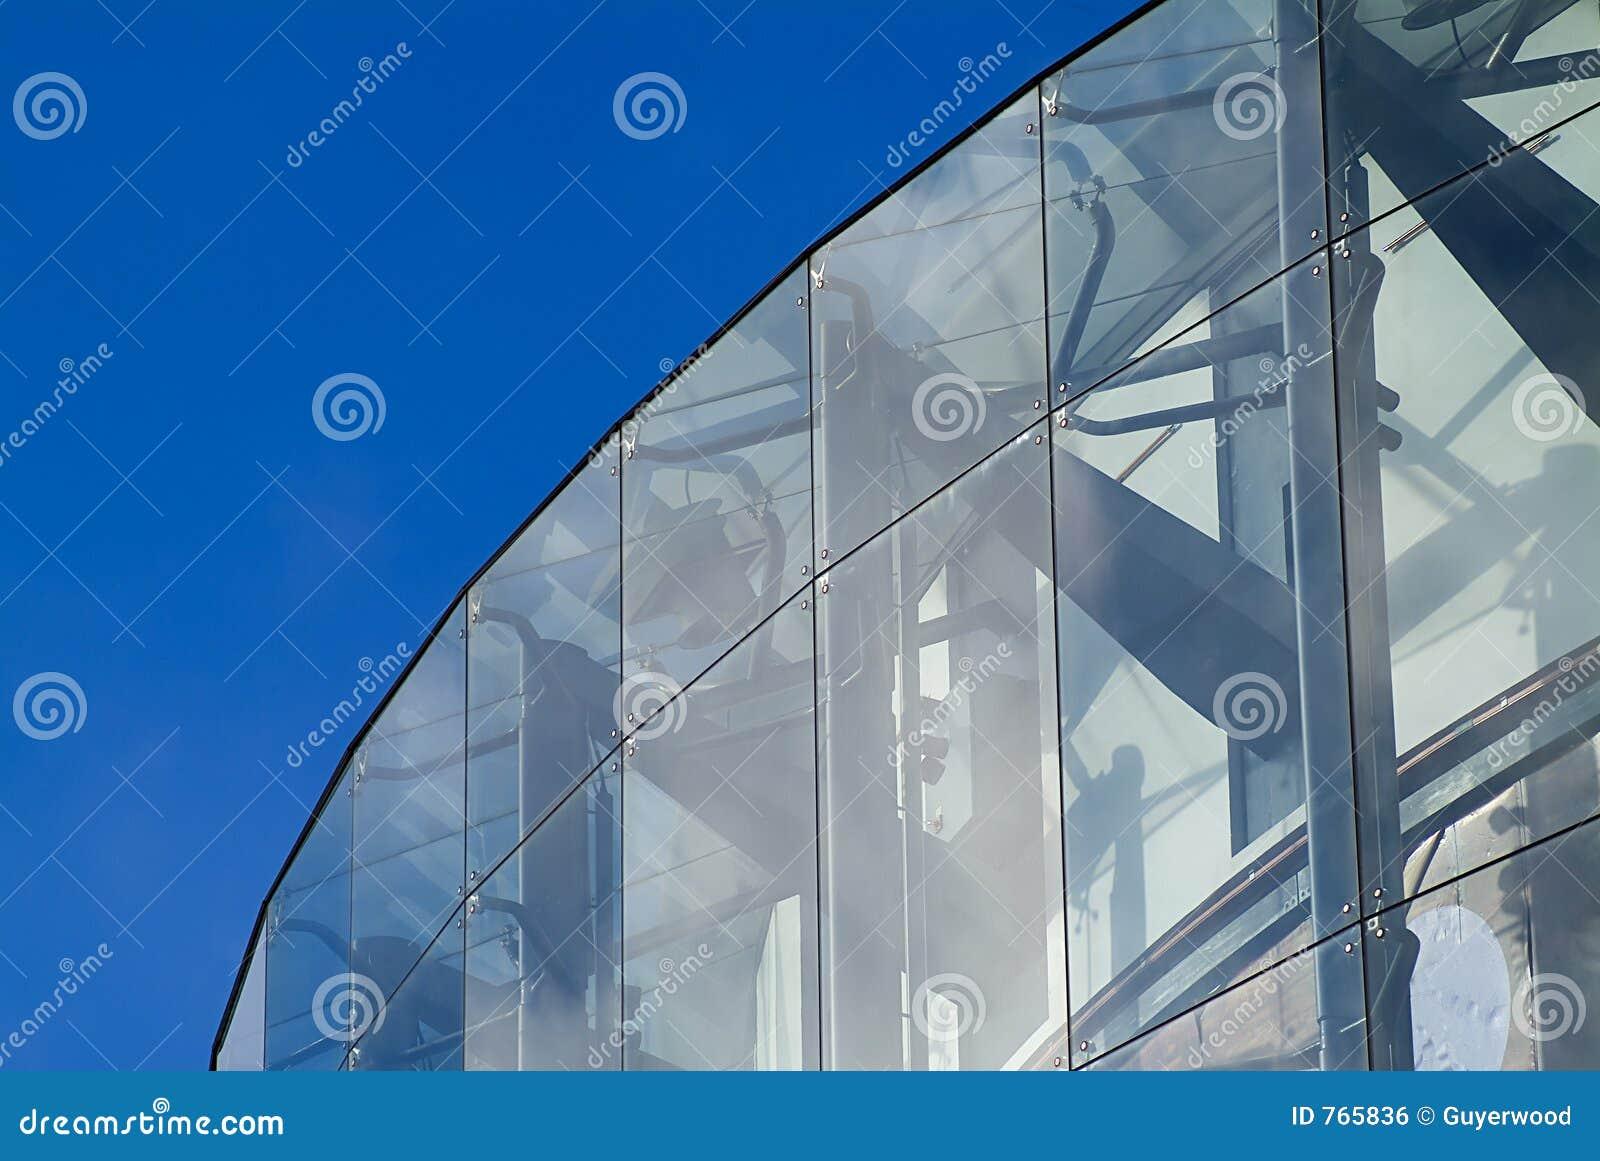 architecture en verre image libre de droits image 765836